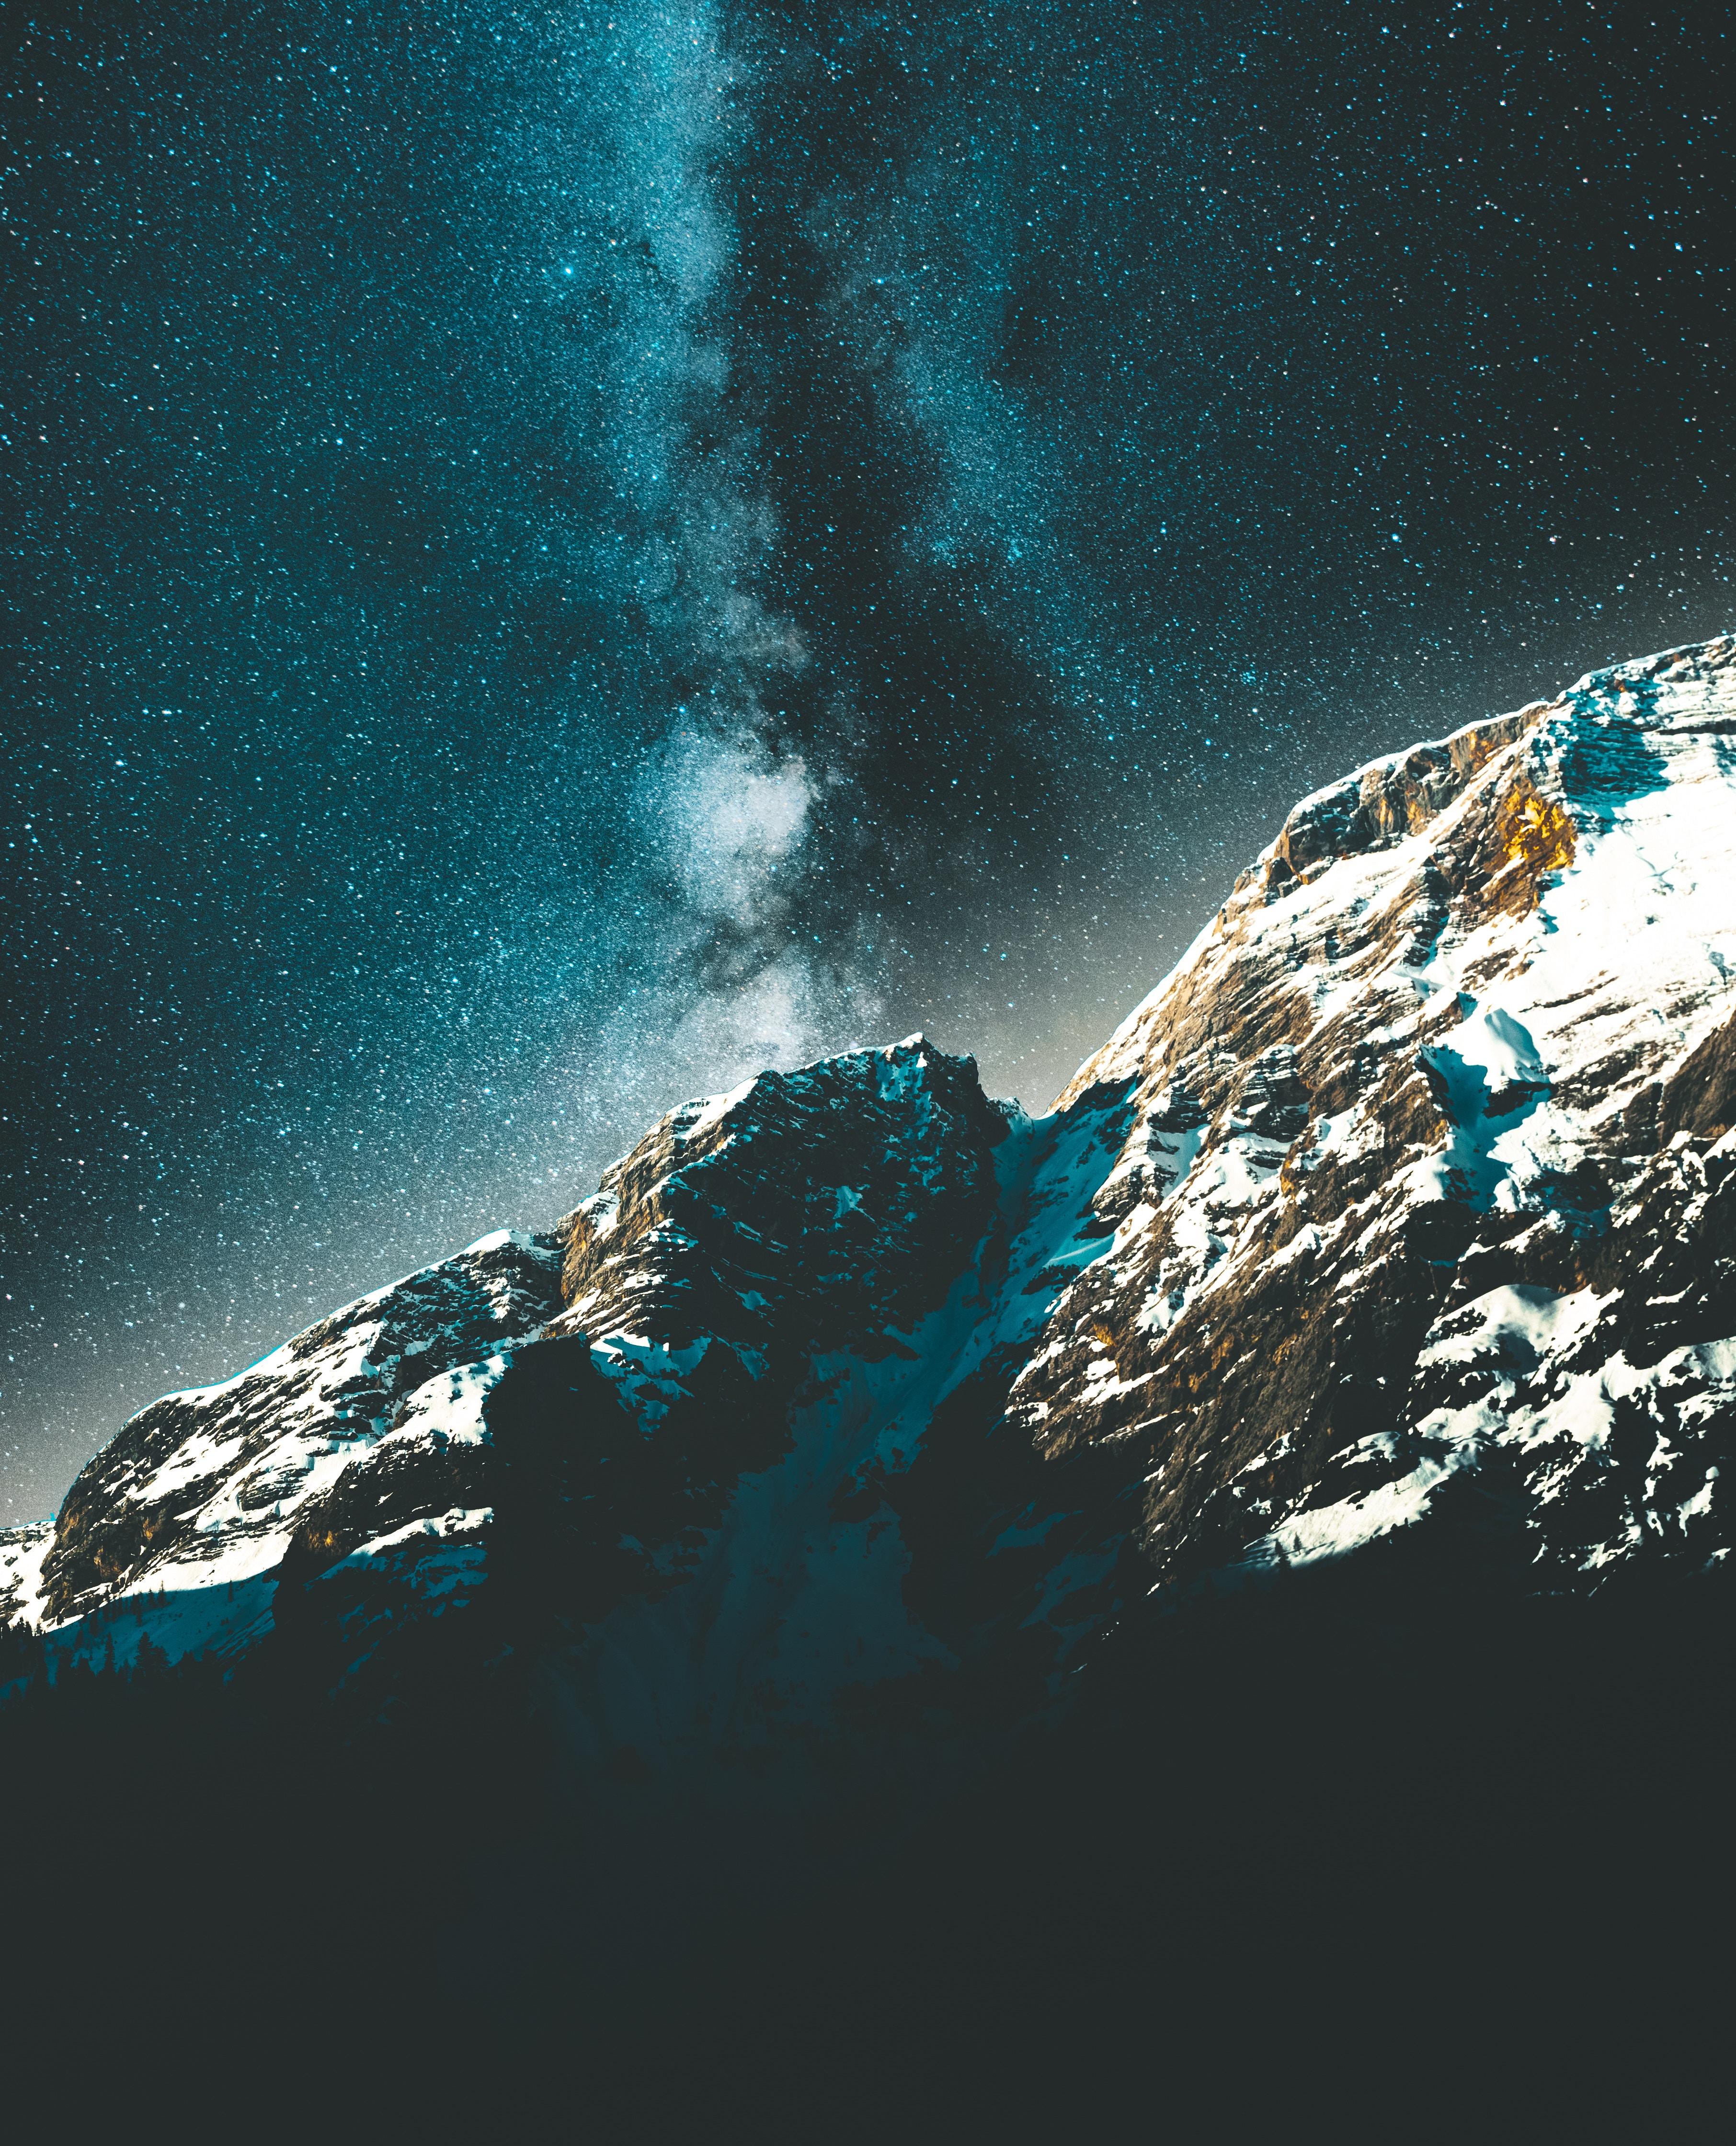 83671 Hintergrundbild 720x1280 kostenlos auf deinem Handy, lade Bilder Natur, Mountains, Sterne, Übernachtung, Sternenhimmel, Die Milchstrasse, Milchstraße, Schneebedeckt, Snowbound 720x1280 auf dein Handy herunter